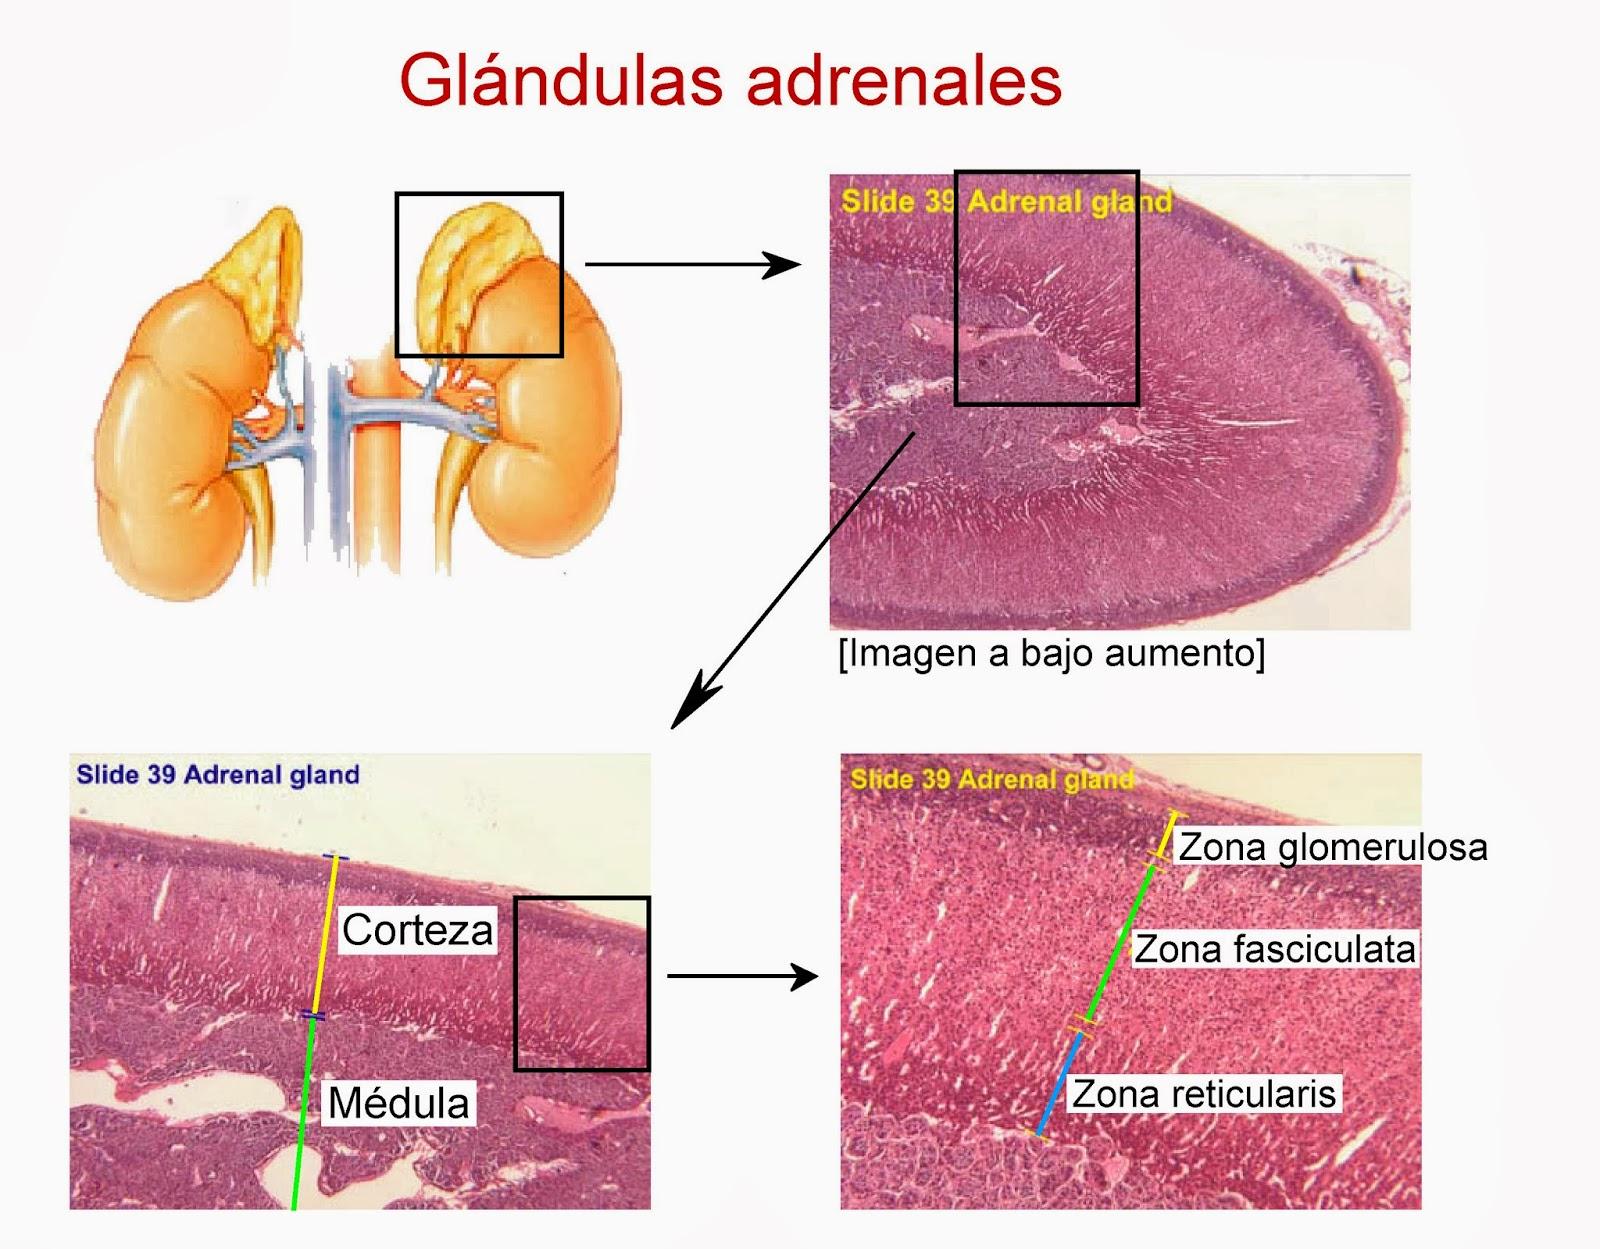 Morfología y partes de las glándulas adrenales (suprarrenales)